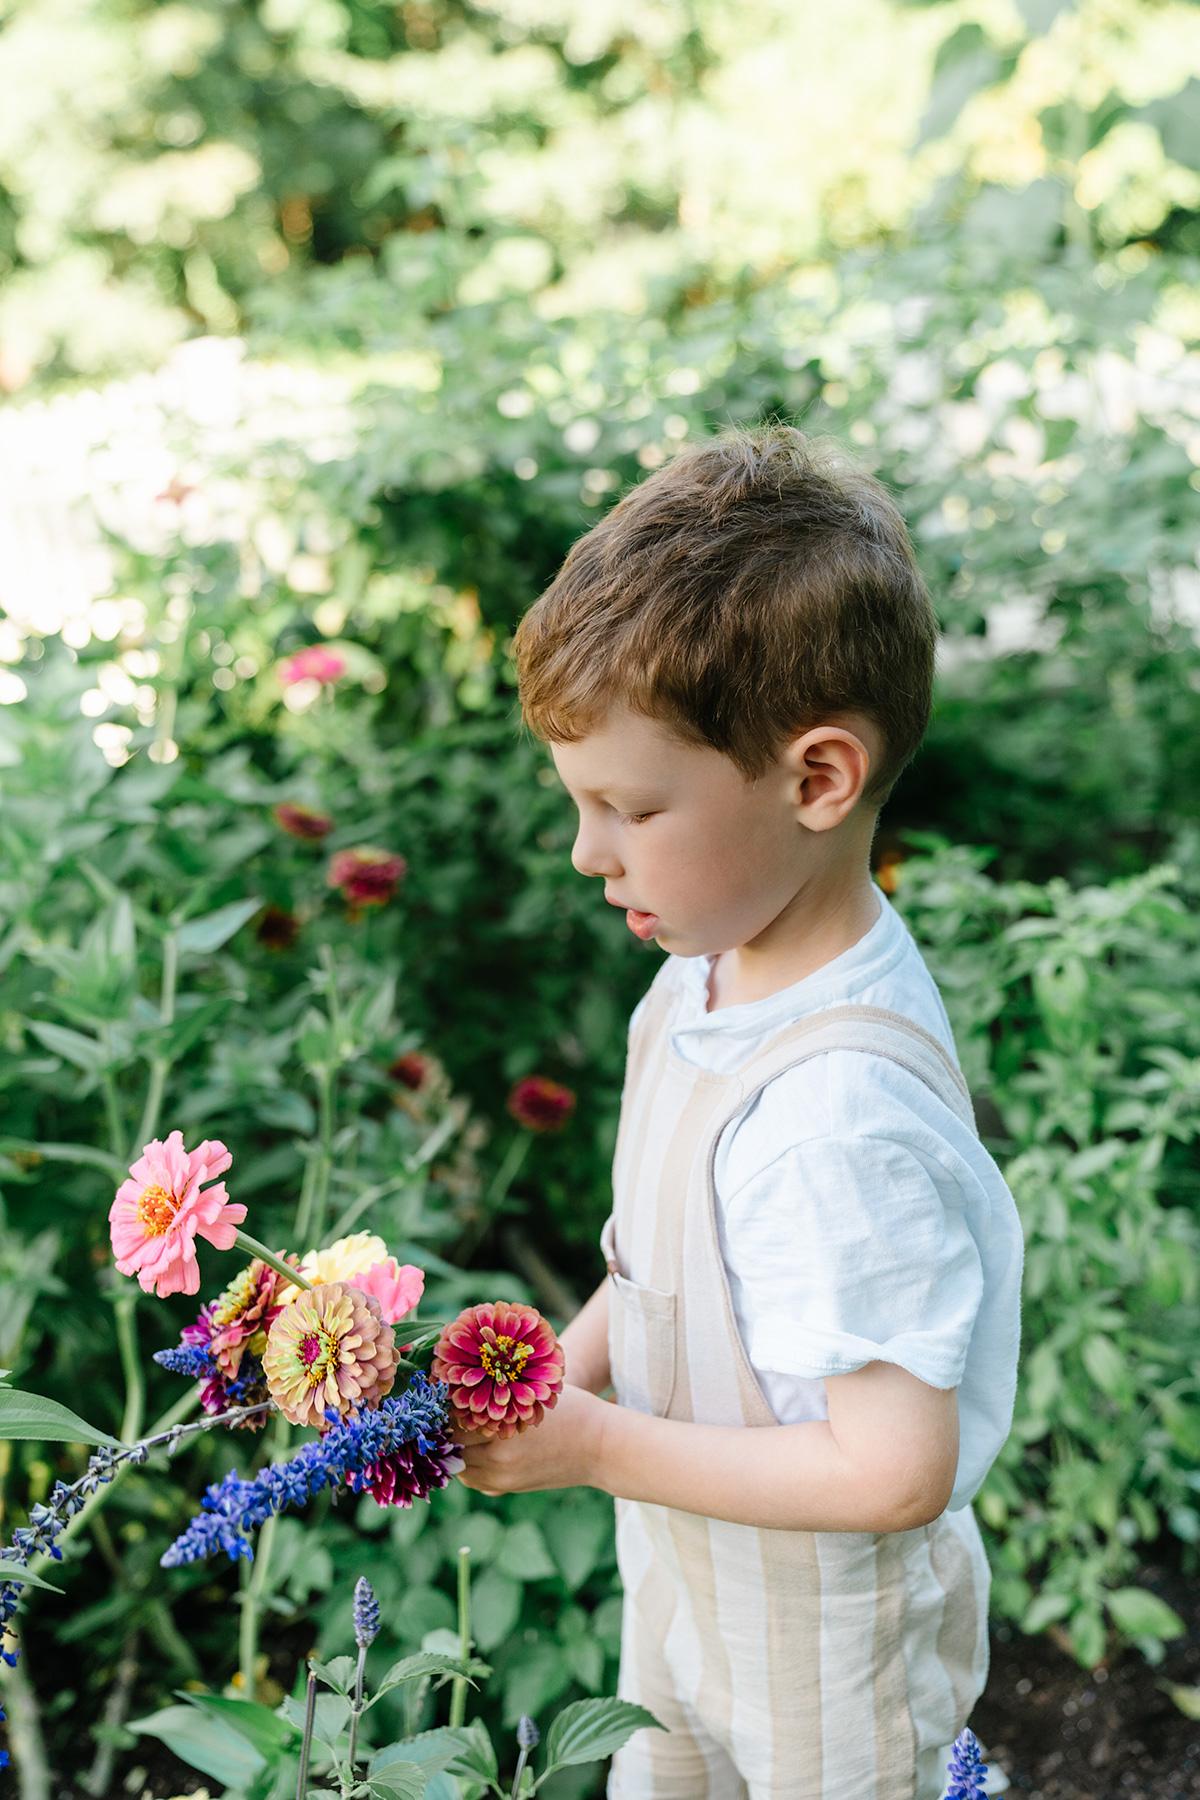 Photo-Tour-of-Our-Organic-Backyard-Garden